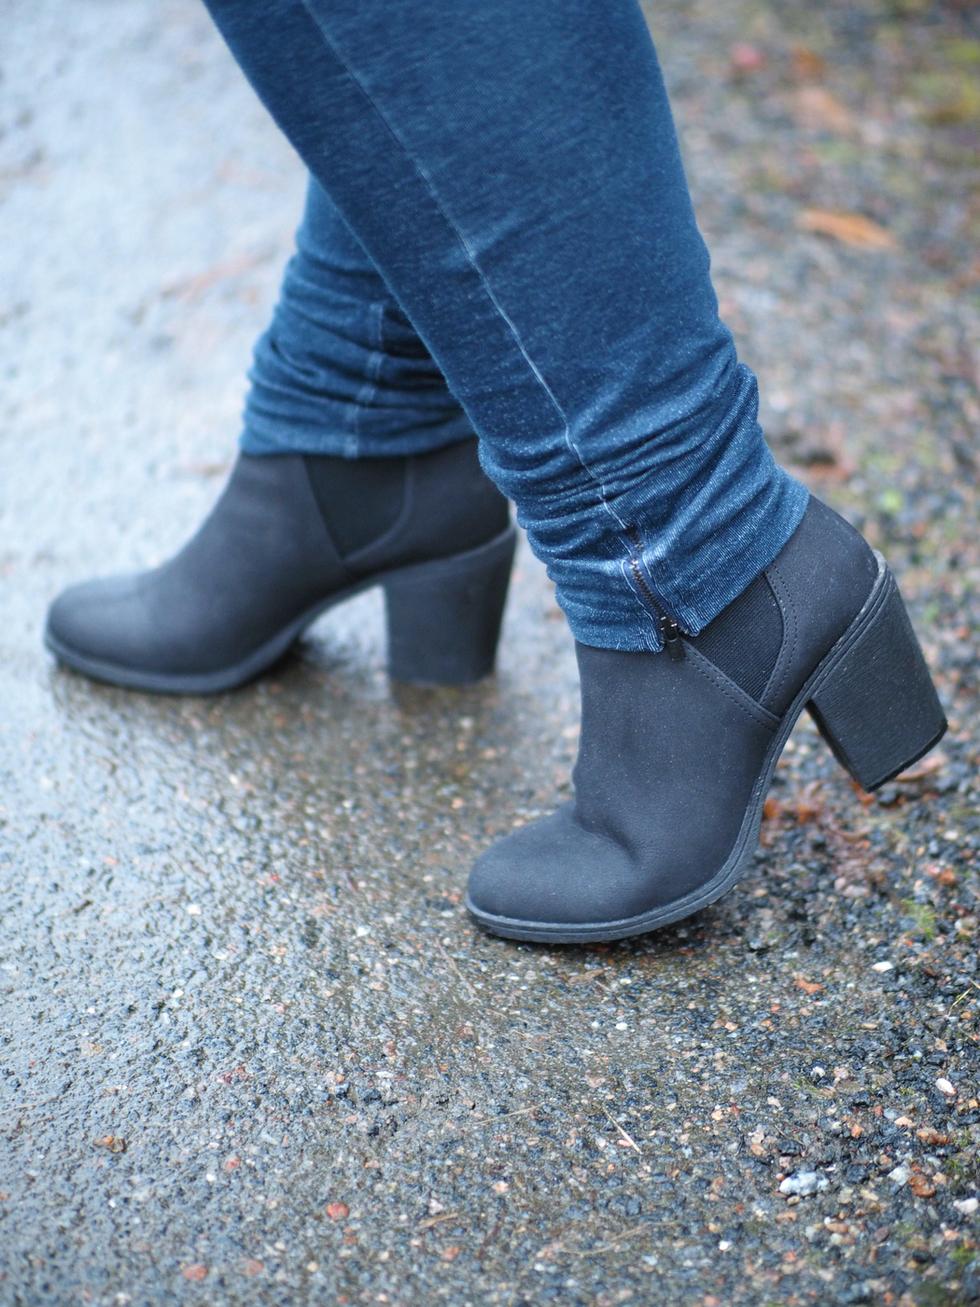 Kadonneiden kenkien mysteeri